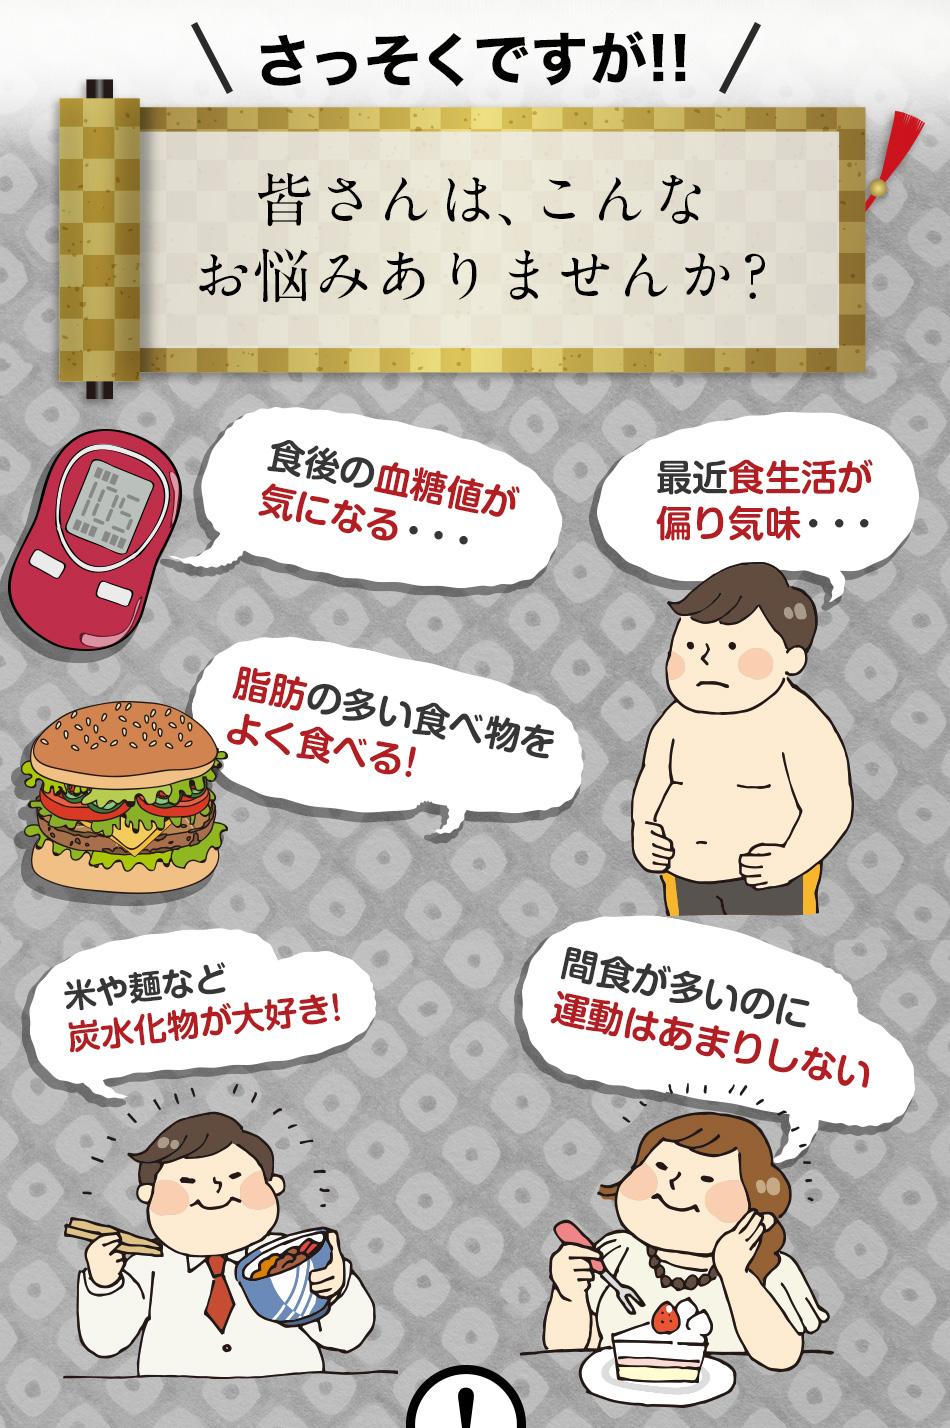 血糖値が気になる 脂肪の多い食べ物をよく食べる 食生活が偏り気味 炭水化物が大好きが 間食が多い